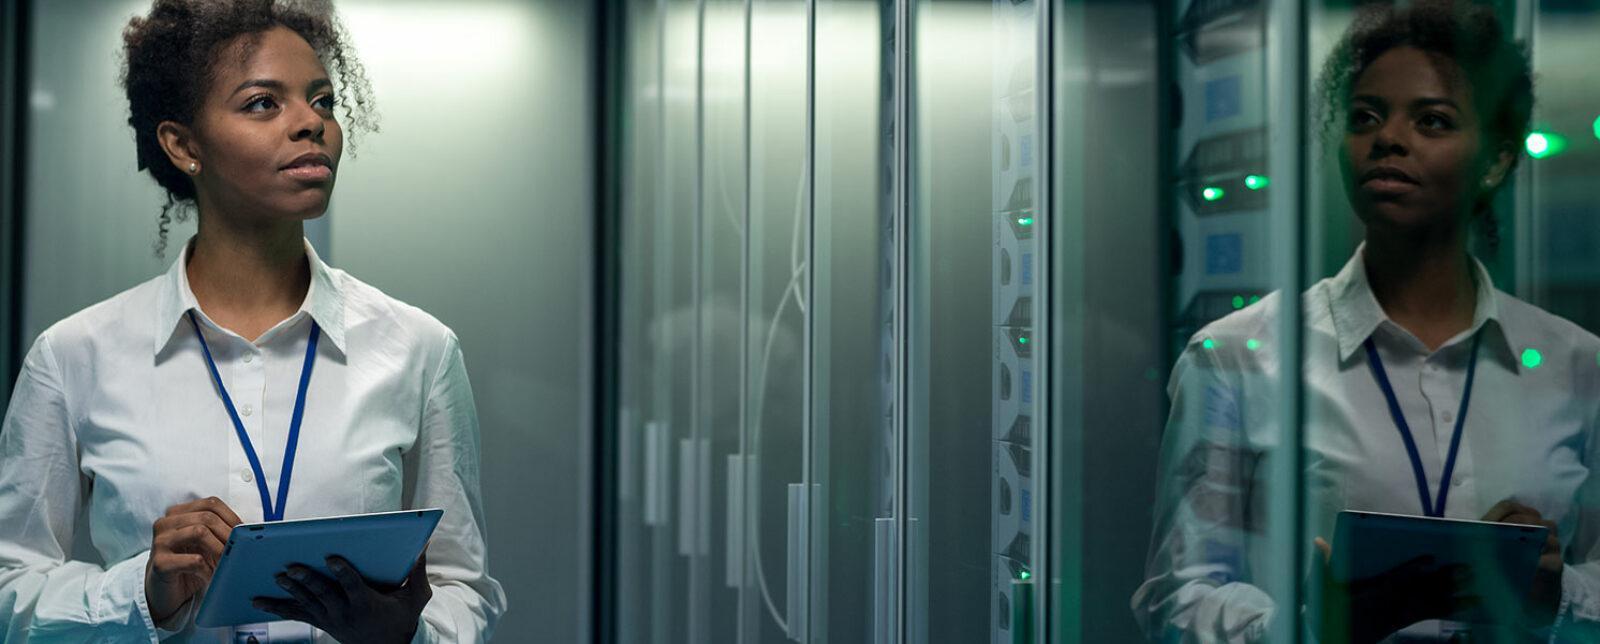 5 Tips for Efficient IT Procurement